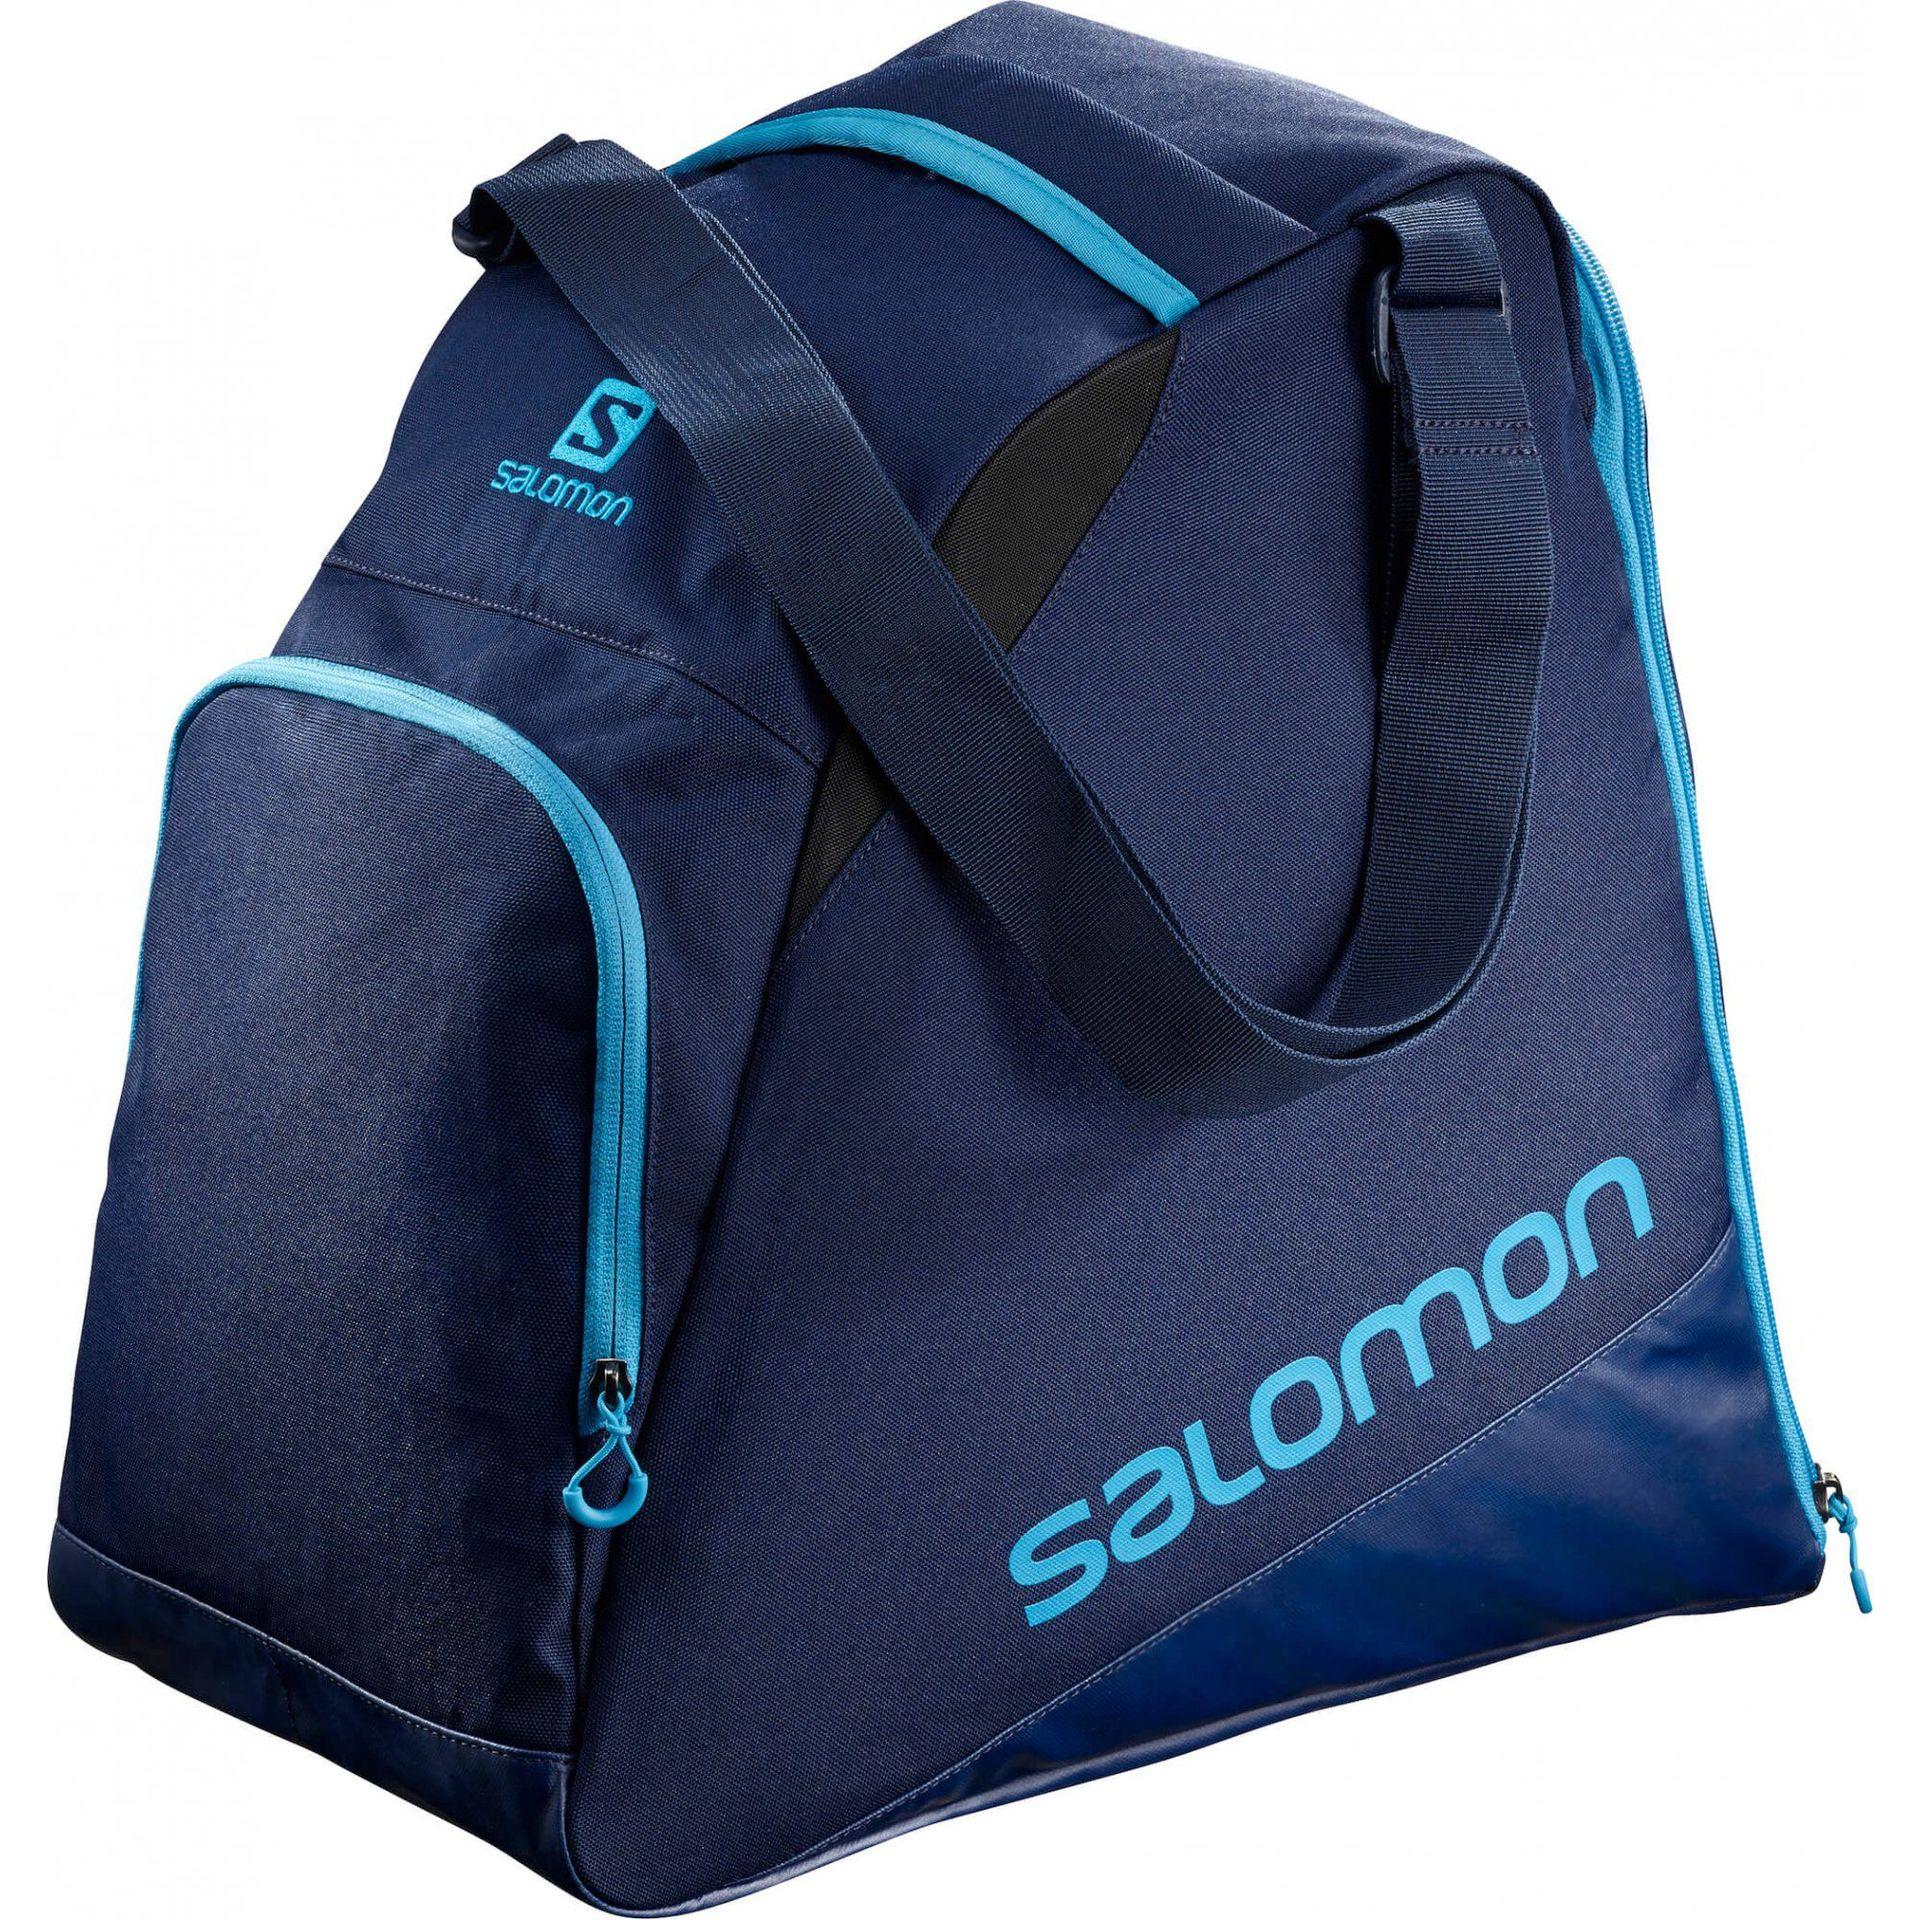 TORBA NA BUTY NARCIARSKIE SALOMON EXTEND GEARBAG MEDIEVAL BLUE 403970